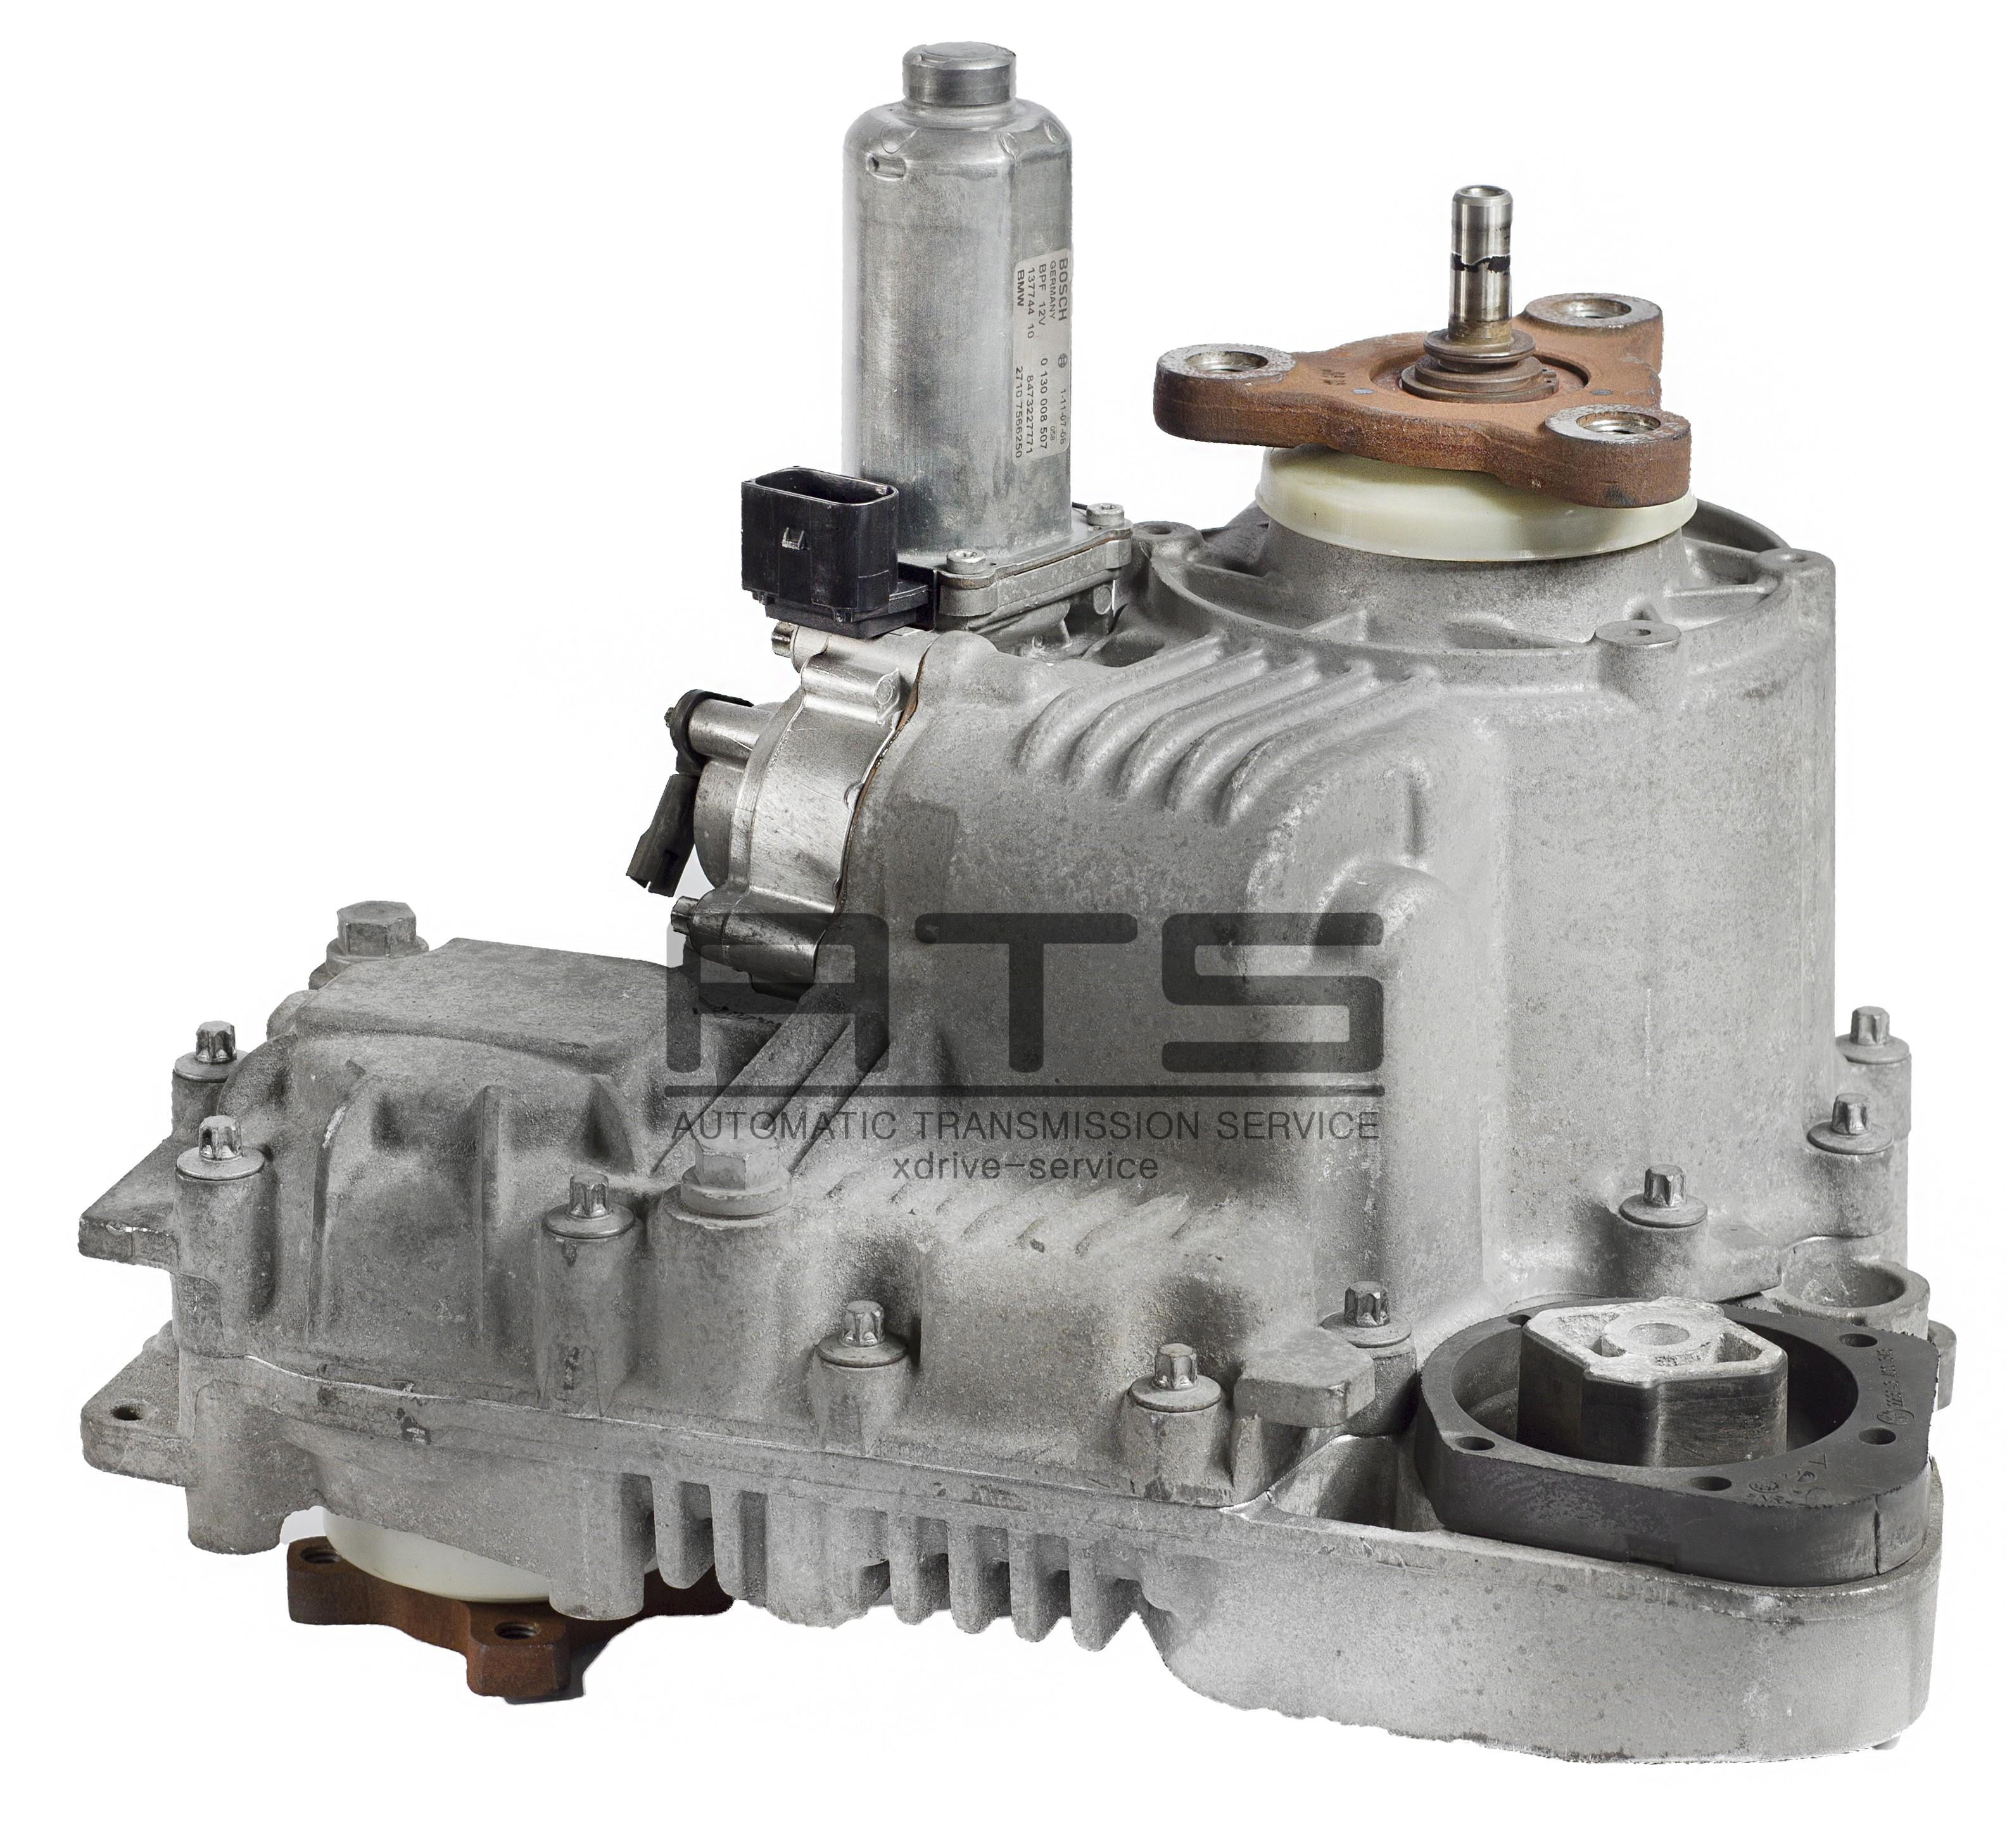 Skrzynia Rozdzielcza Atc400 Bmw X3 E83 Po Regeneracji